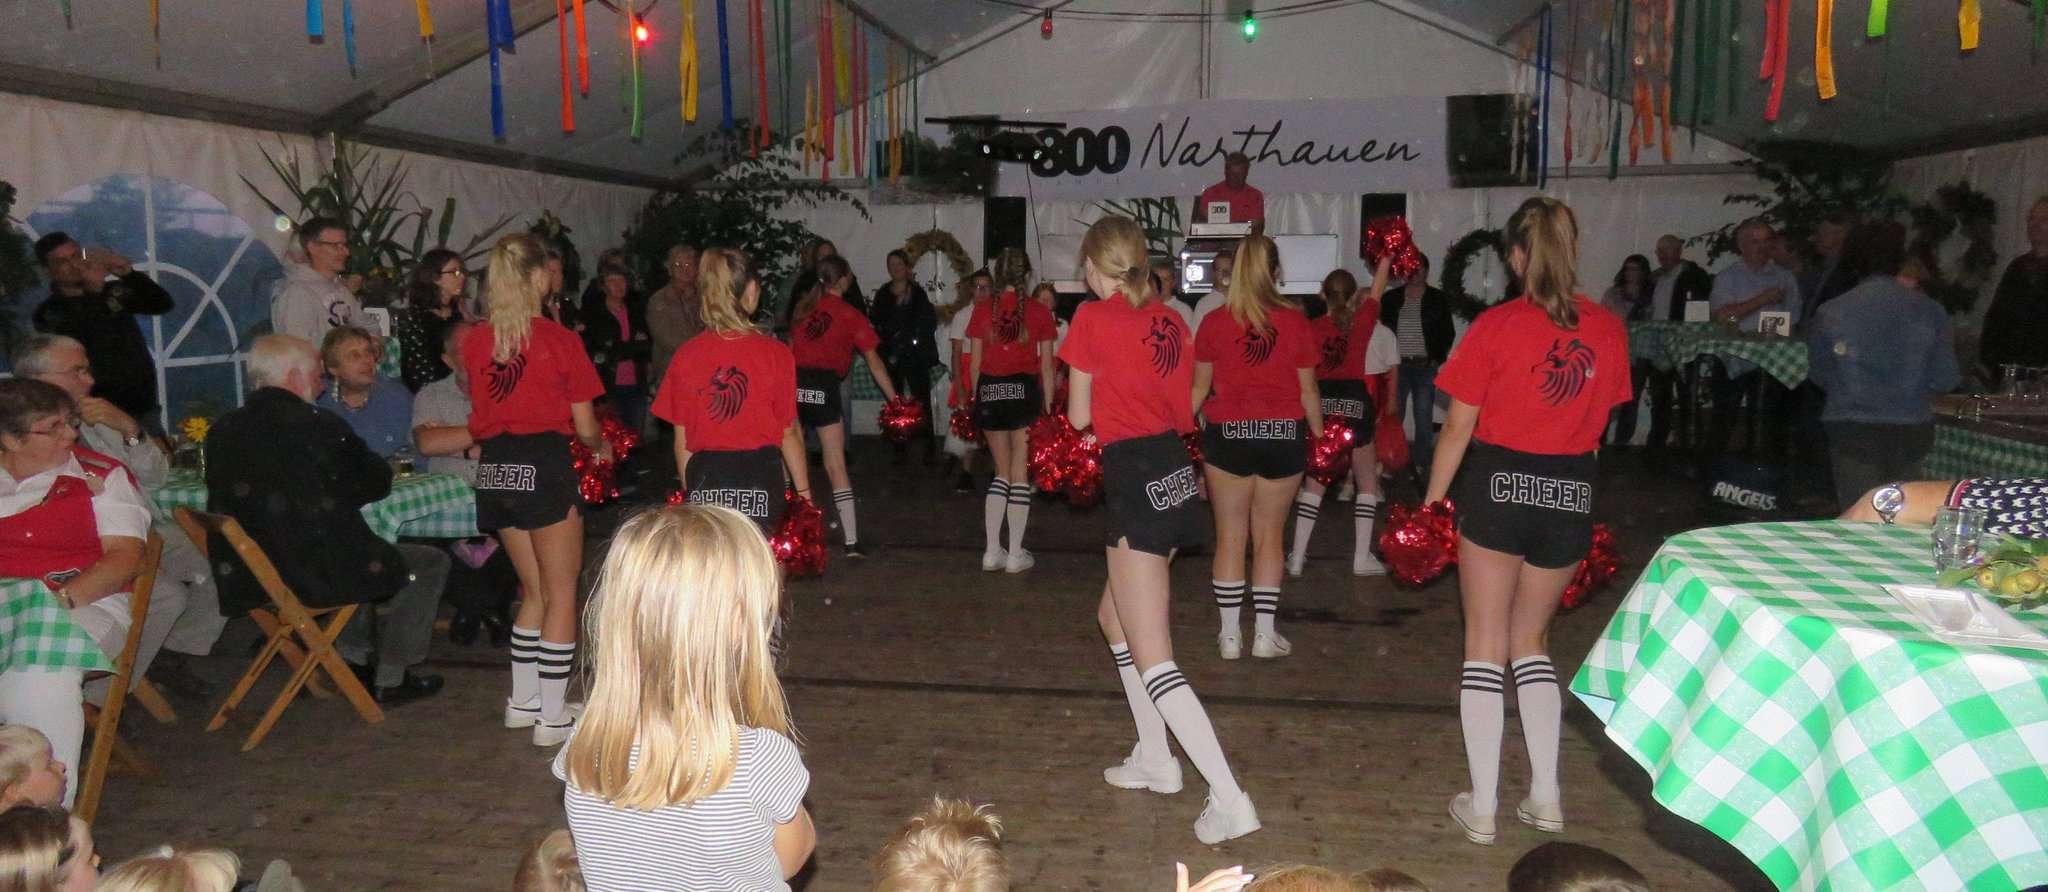 Die Cheerleader des Schützenvereins Otterstedt sorgten bei der Jubiläumsfeier für Aufmerksamkeit. Foto: Elke Keppler-Rosenau